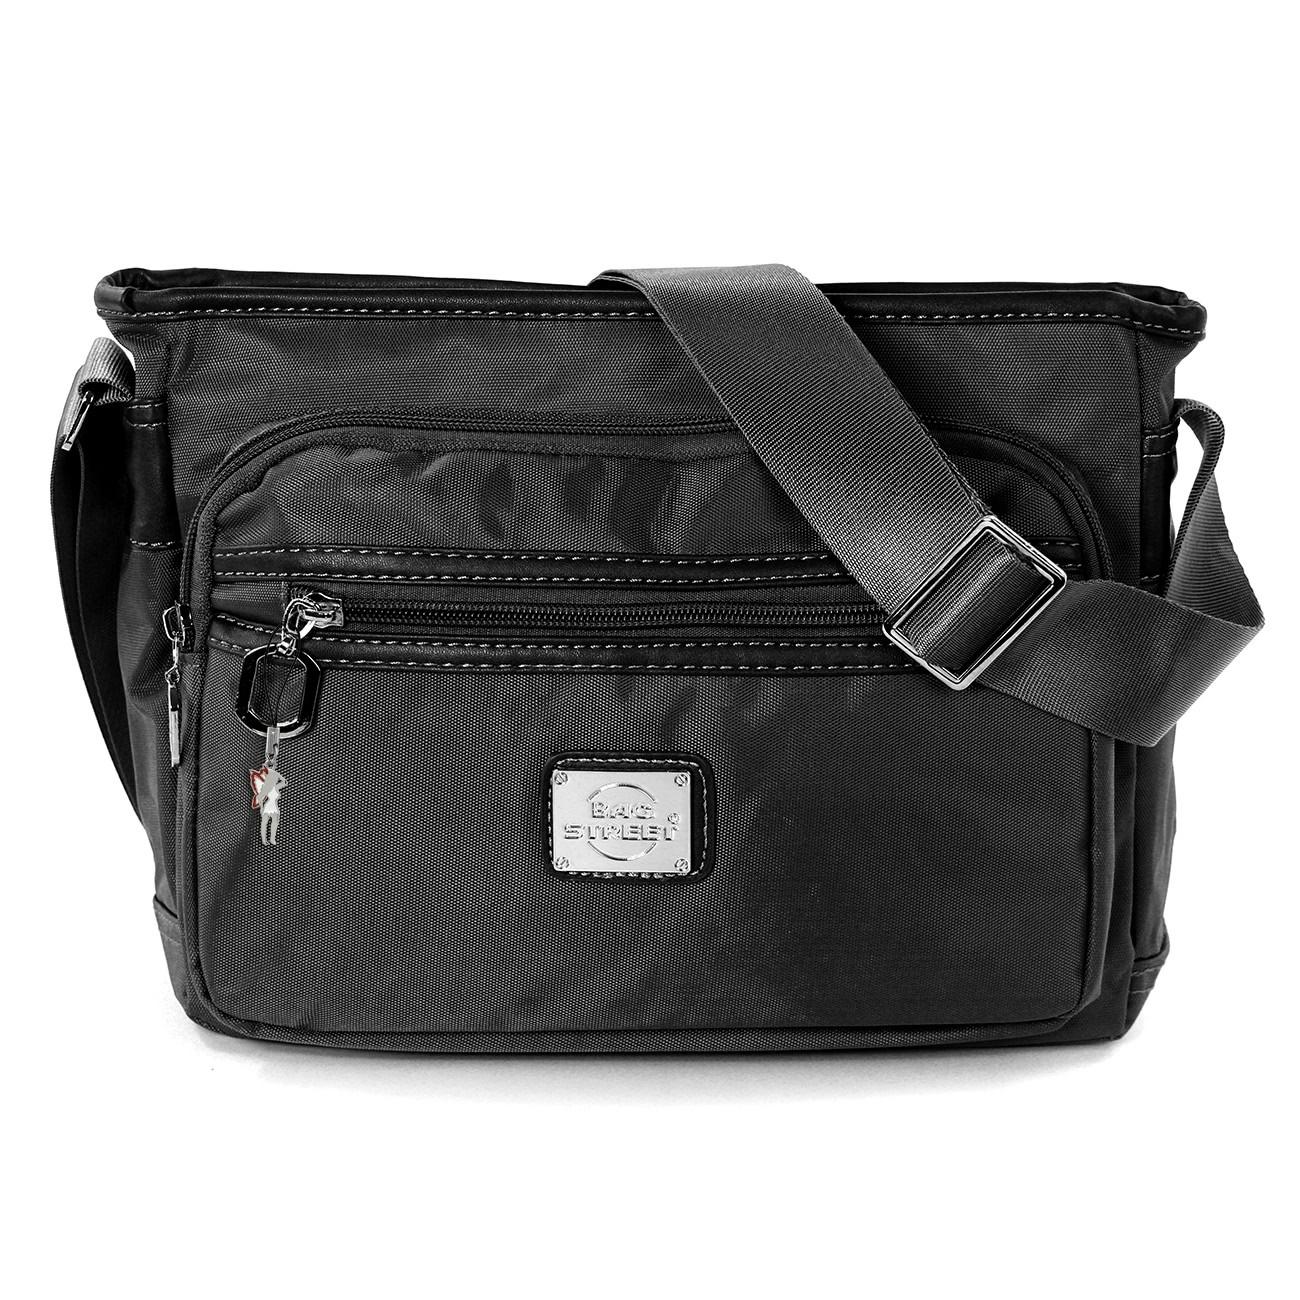 Umhängetasche, Schultertasche Nylon schwarz Damentasche Bag Street OTJ225S